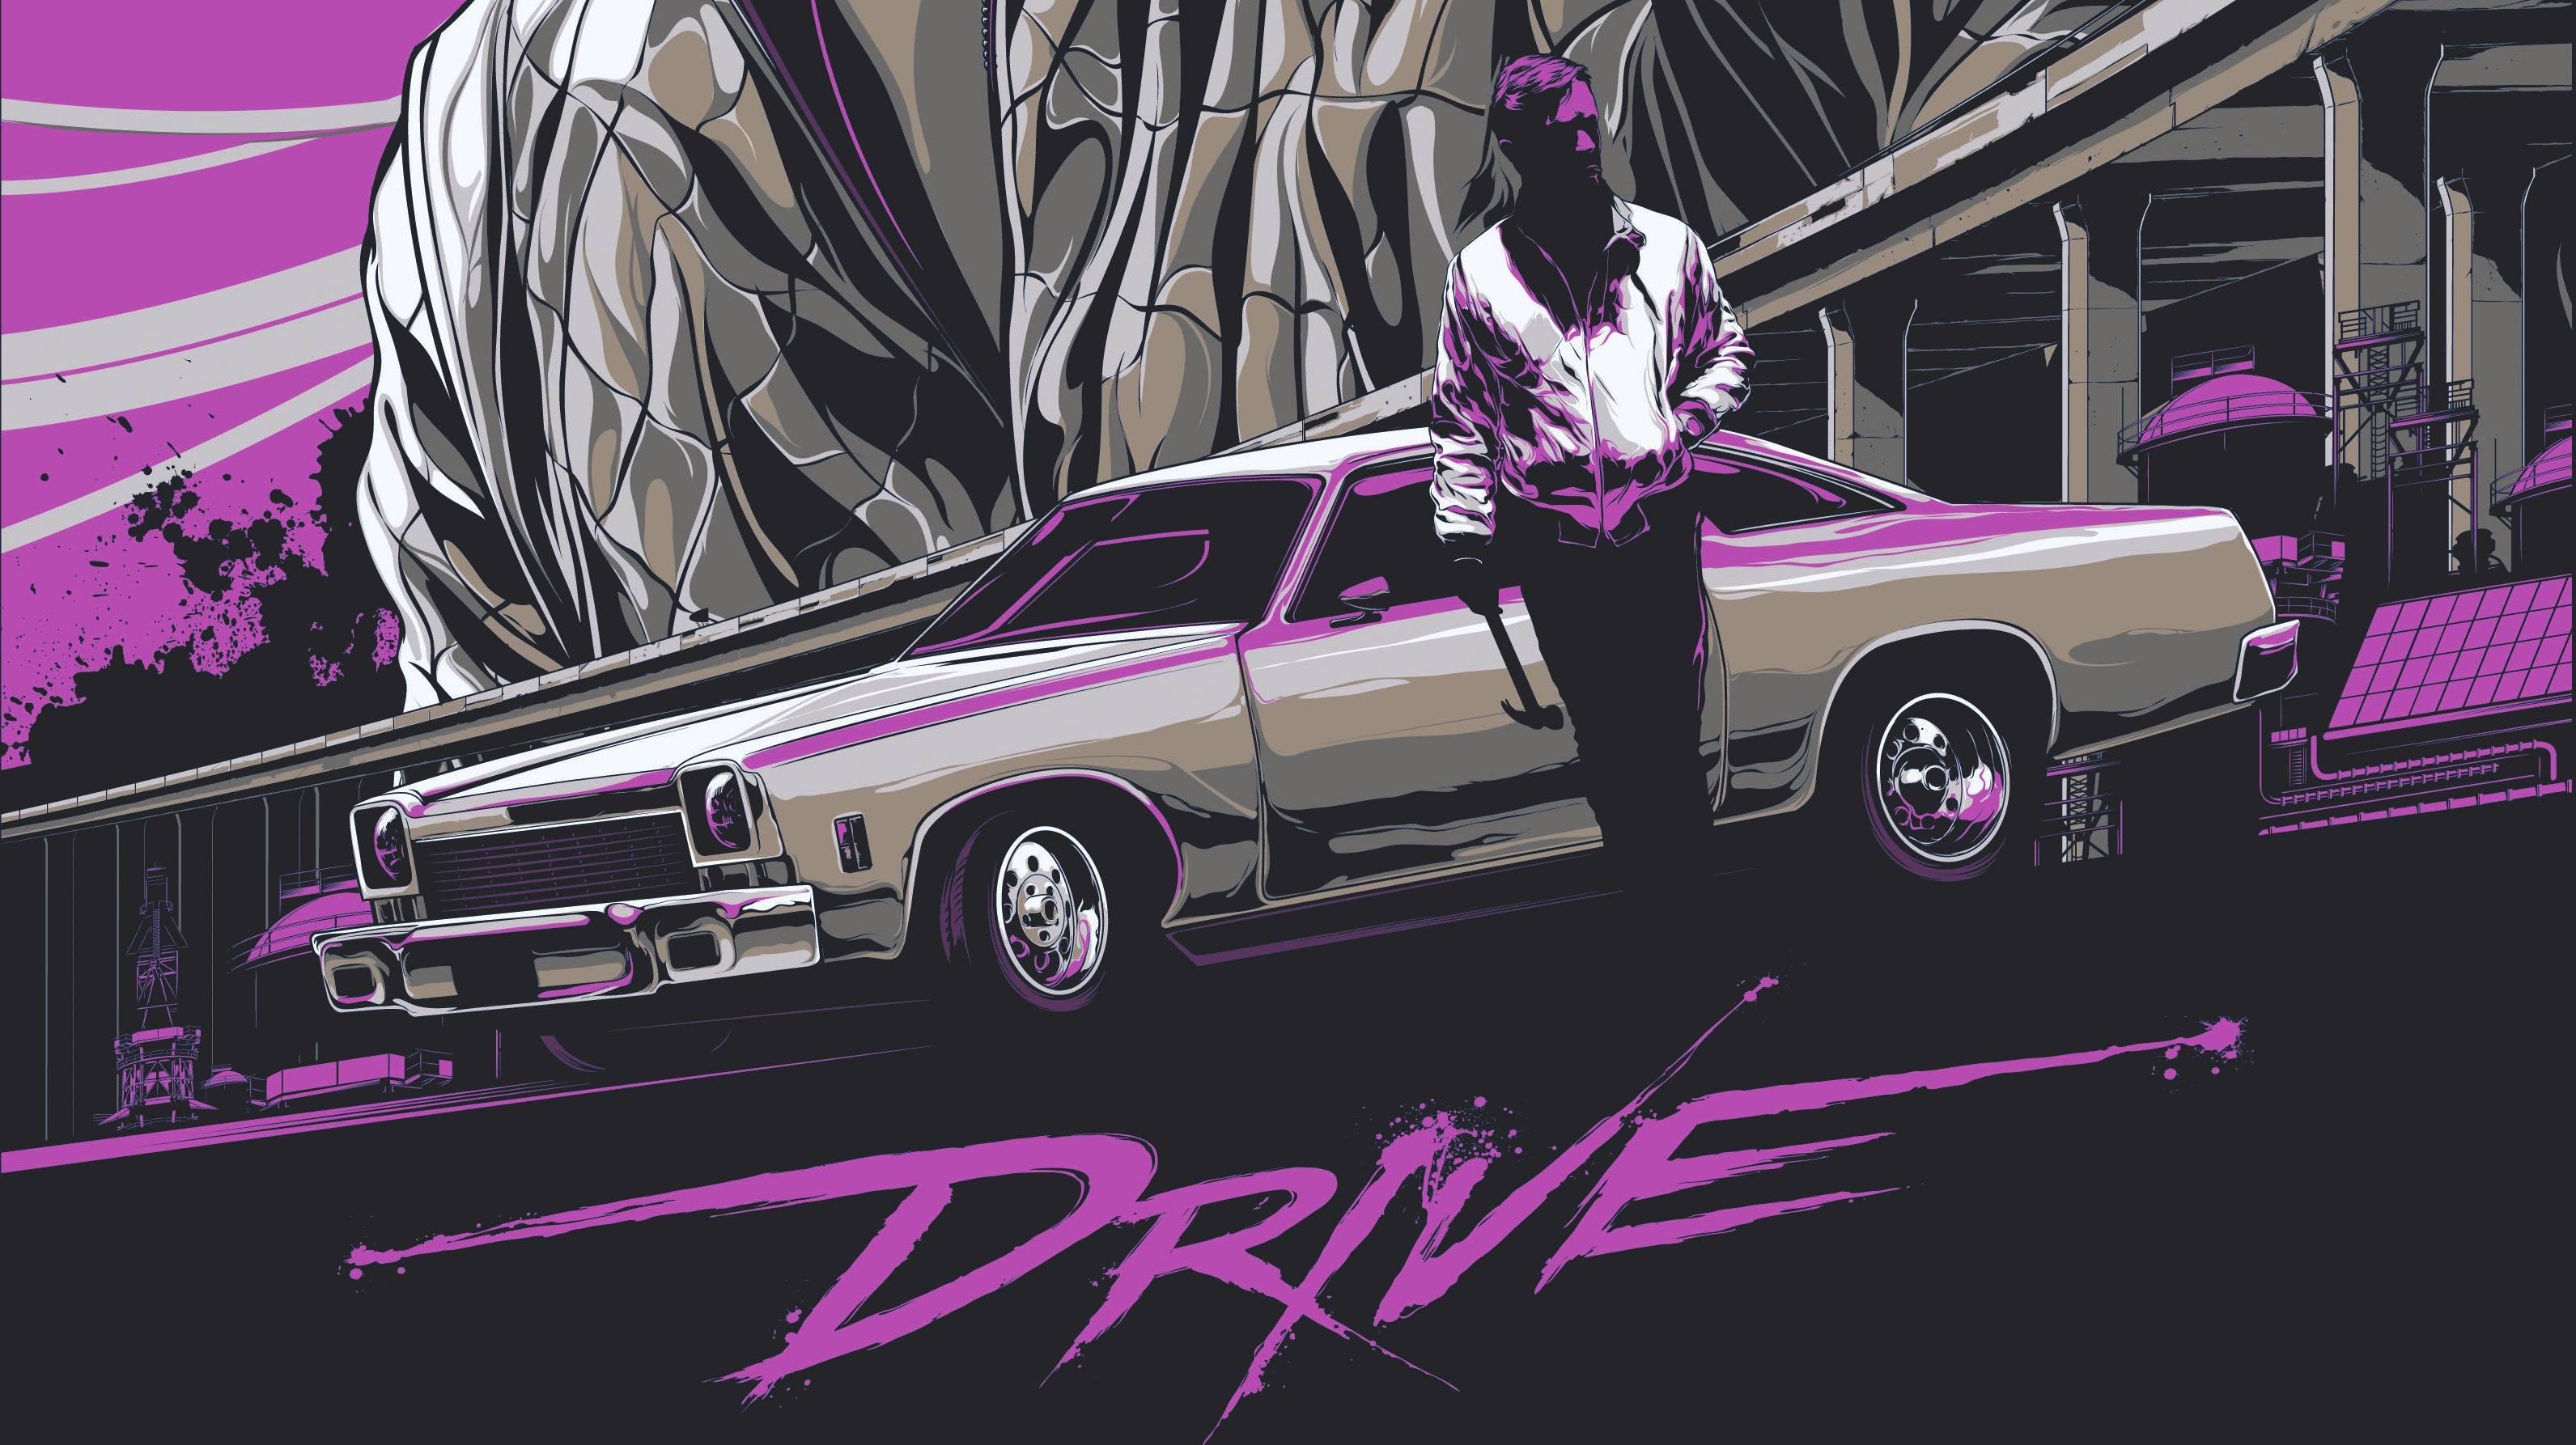 Cartel de Drive en MICINEXIN, revista de cine y espectáculos online